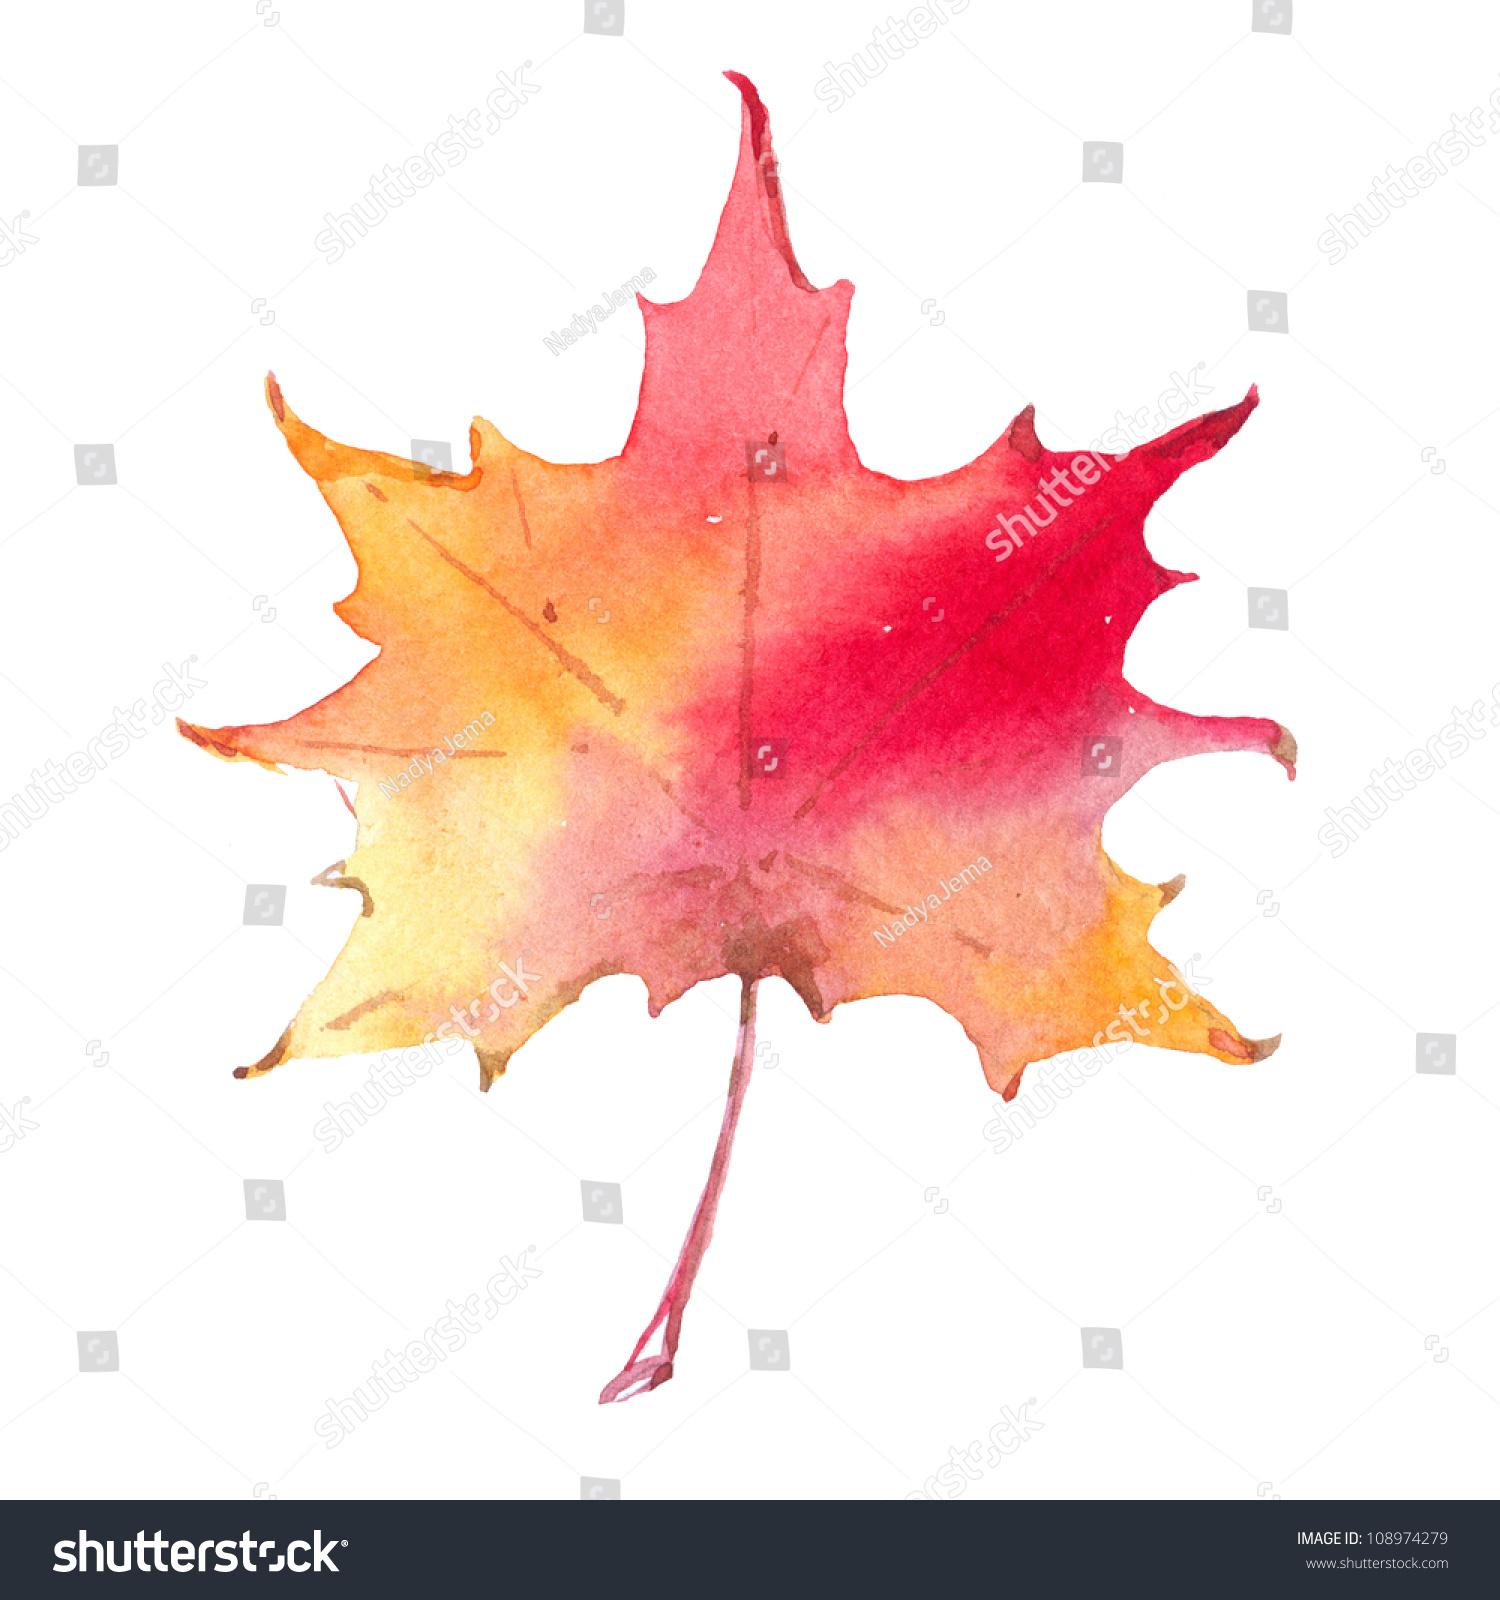 丰富多彩的秋叶孤立在白色背景.水彩插图-物体,自然图片